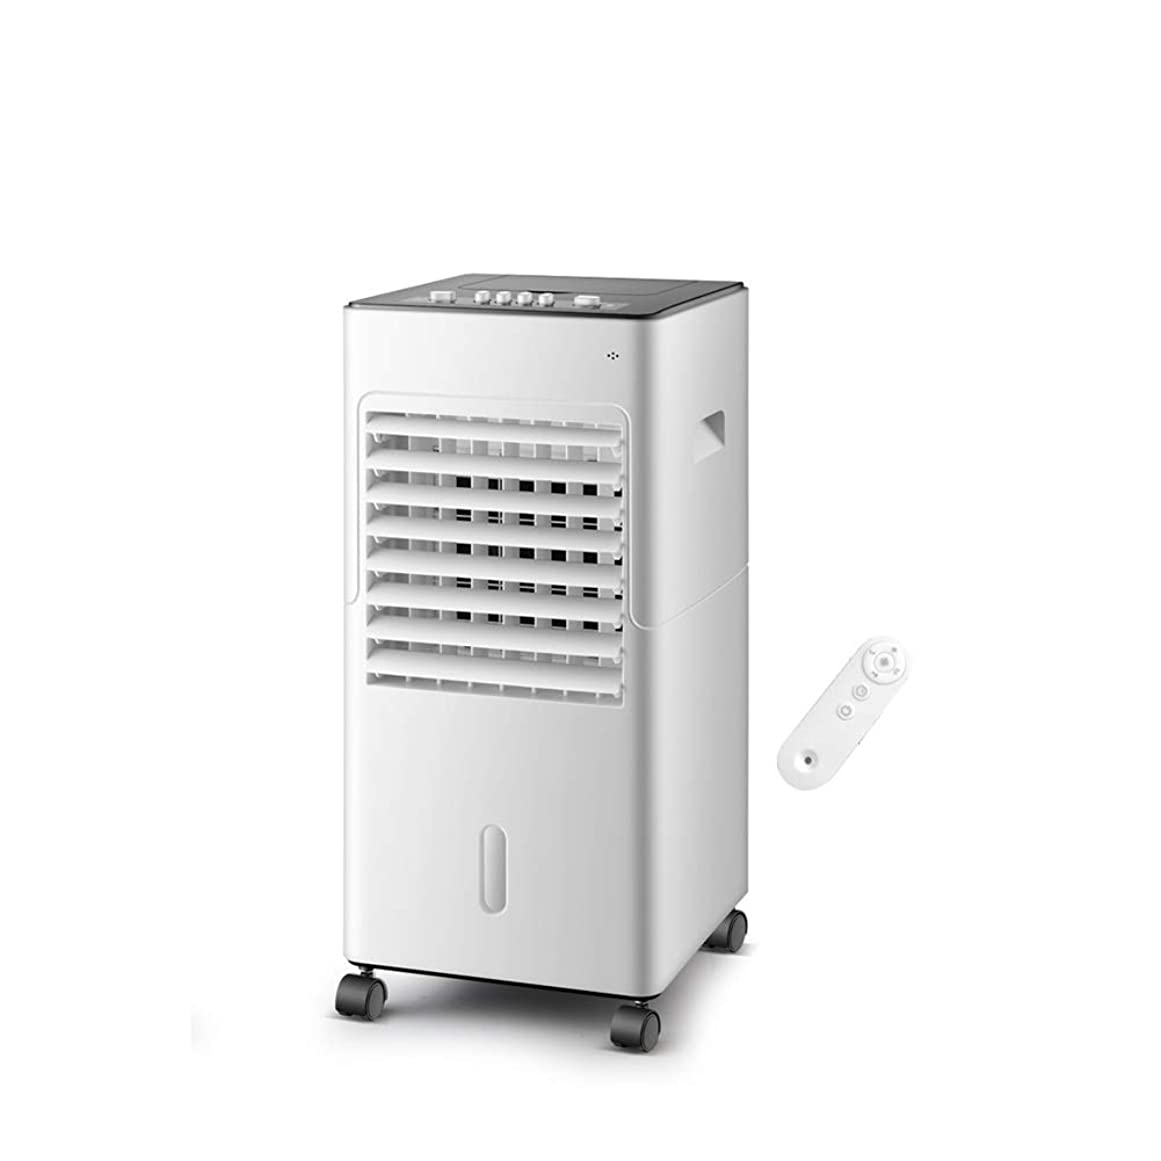 美徳体細胞活気づくLPD-冷風機 ポータブル蒸発エアコンタワーコールドエアクーラーファンモバイルエアコンタイミングリモコンマイナスイオン精製12H